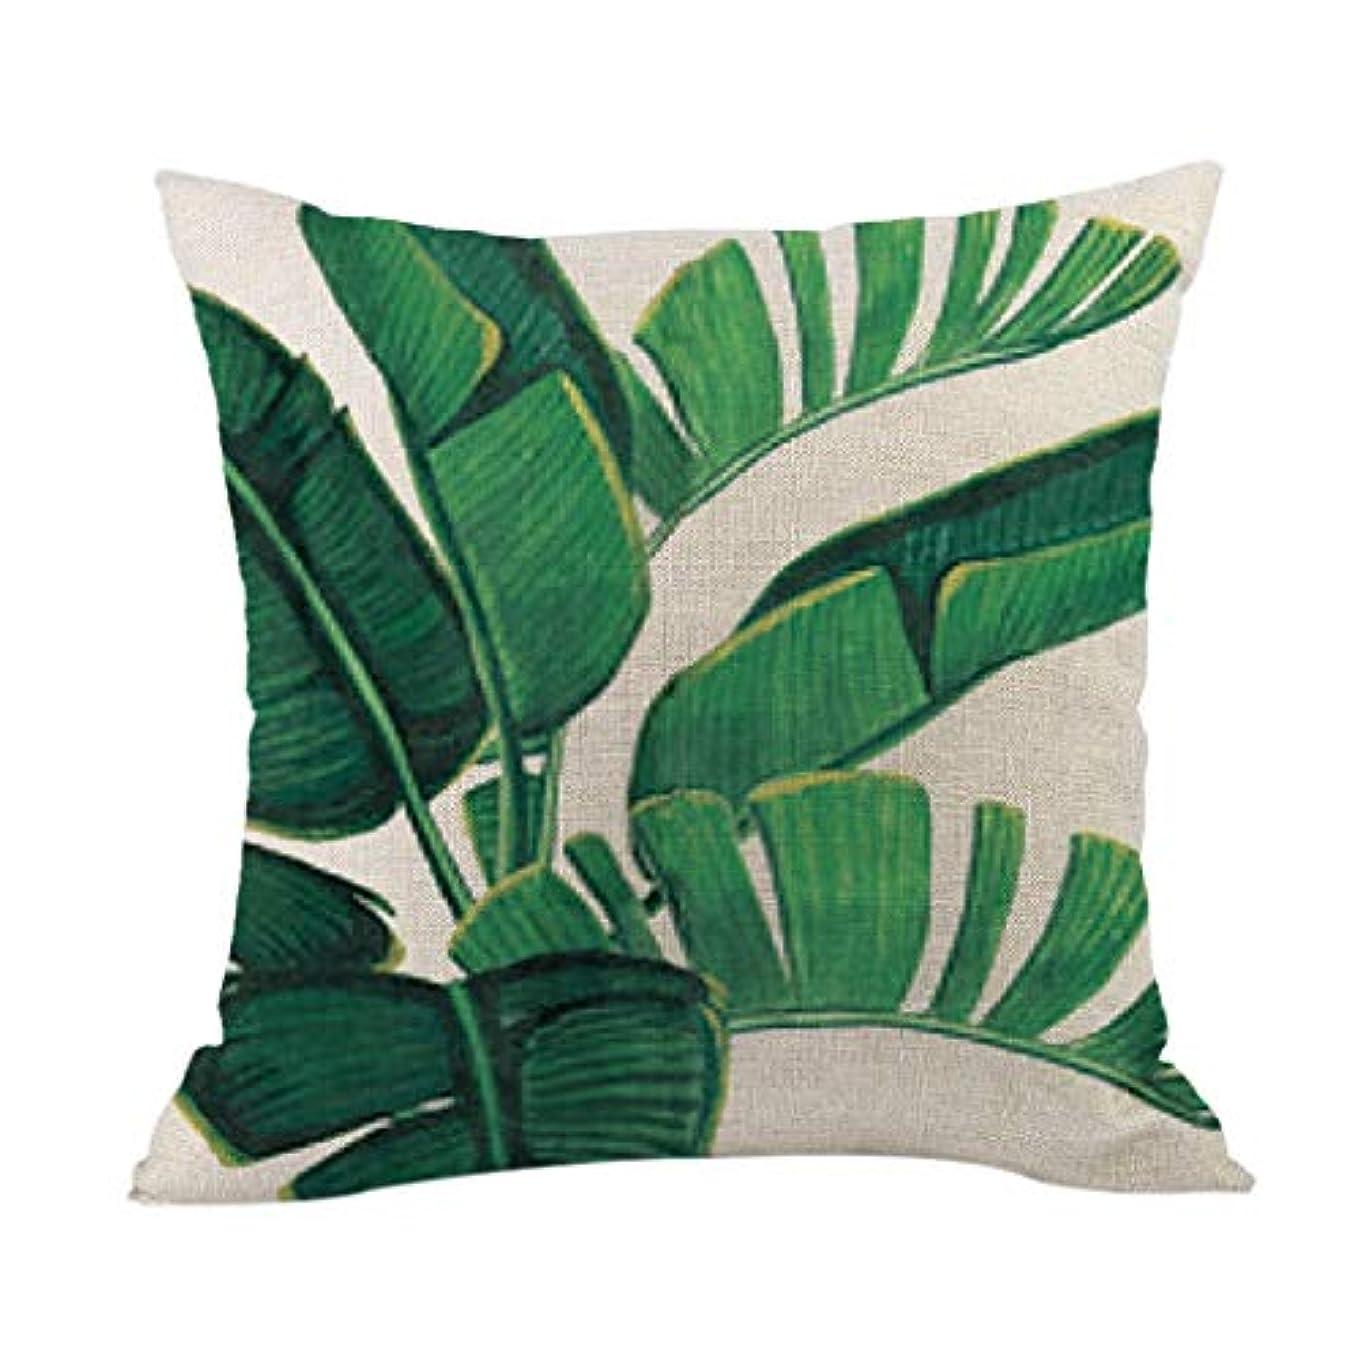 フラップ制約馬鹿げたLIFE 高品質クッション熱帯植物ポリエステル枕ソファ投げるパッドセットホーム人格クッション coussin decoratif クッション 椅子